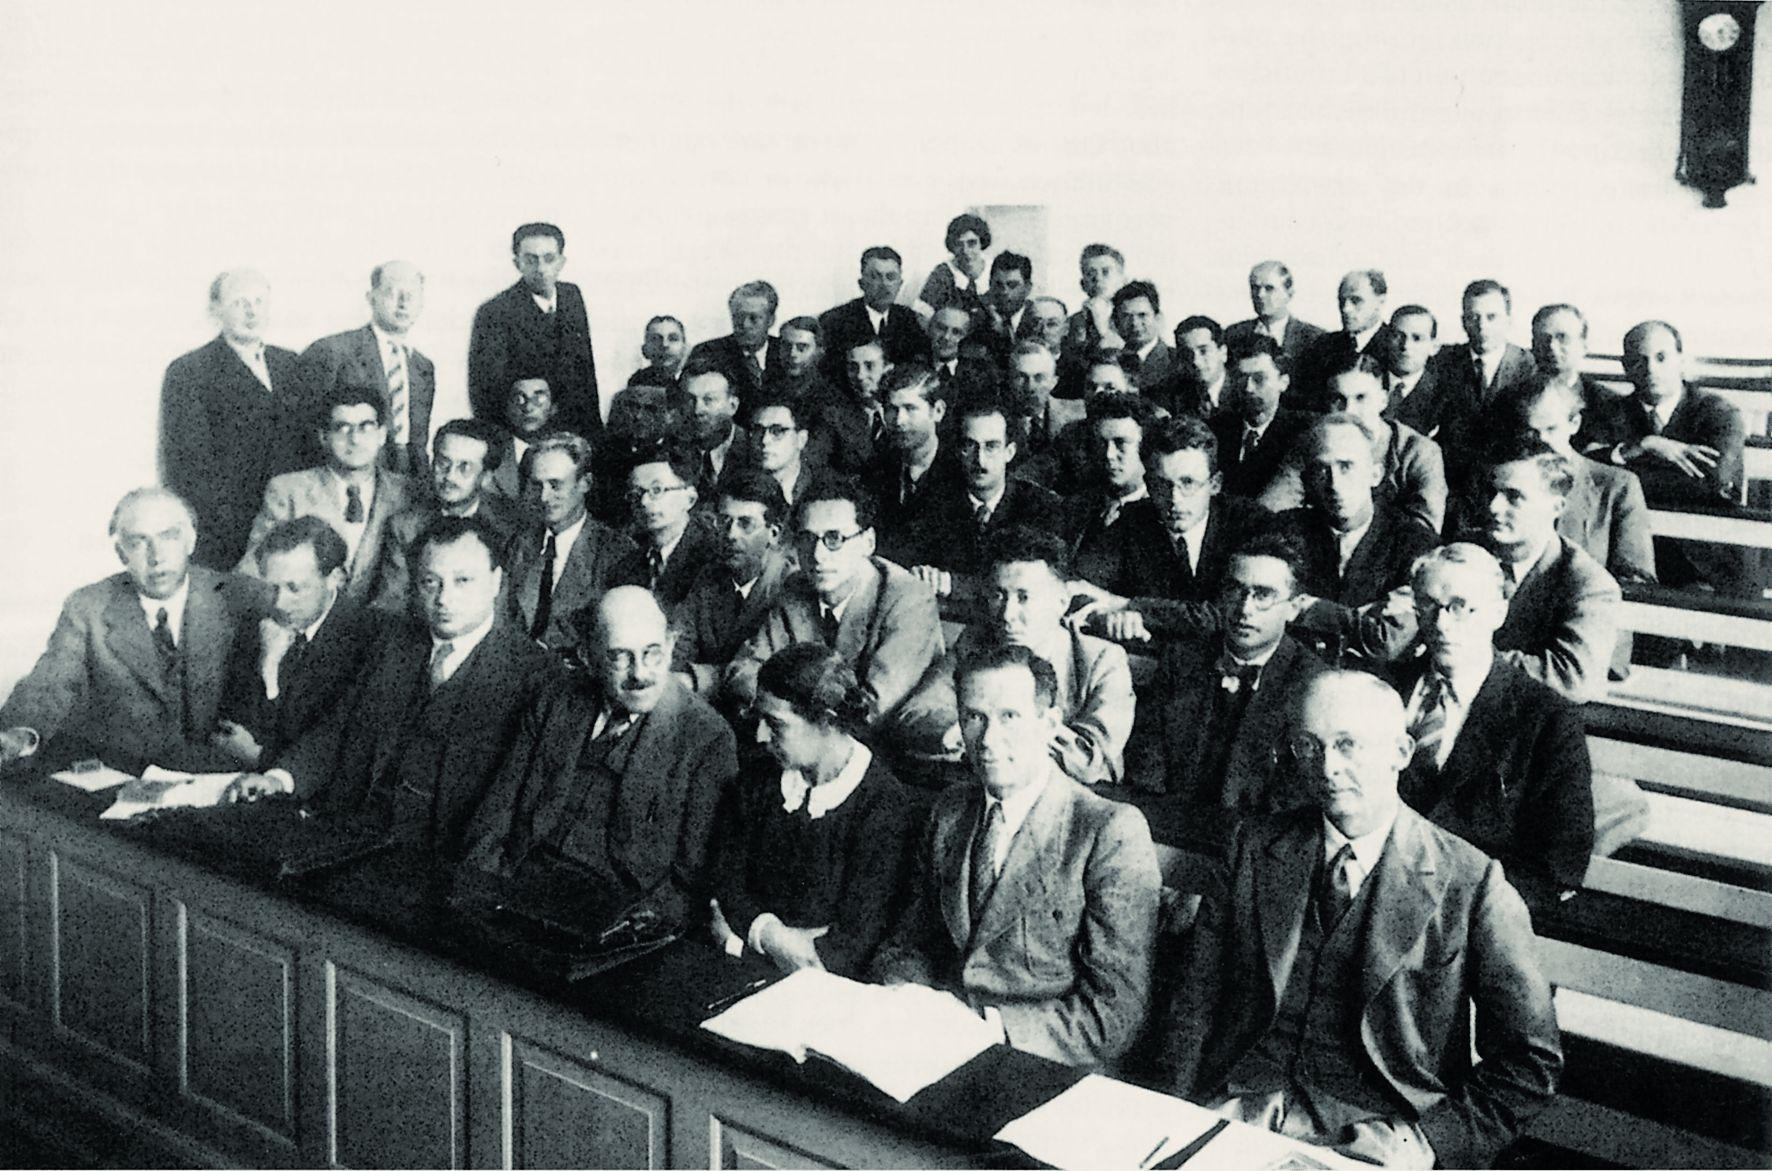 Участники конференции в копенгагенском Институте физики. В первом ряду слева направо: Бор, Гейзенберг, Паули, Штерн, Мейтнер, Ладенбург, Якобсен. Сентябрь 1937 года